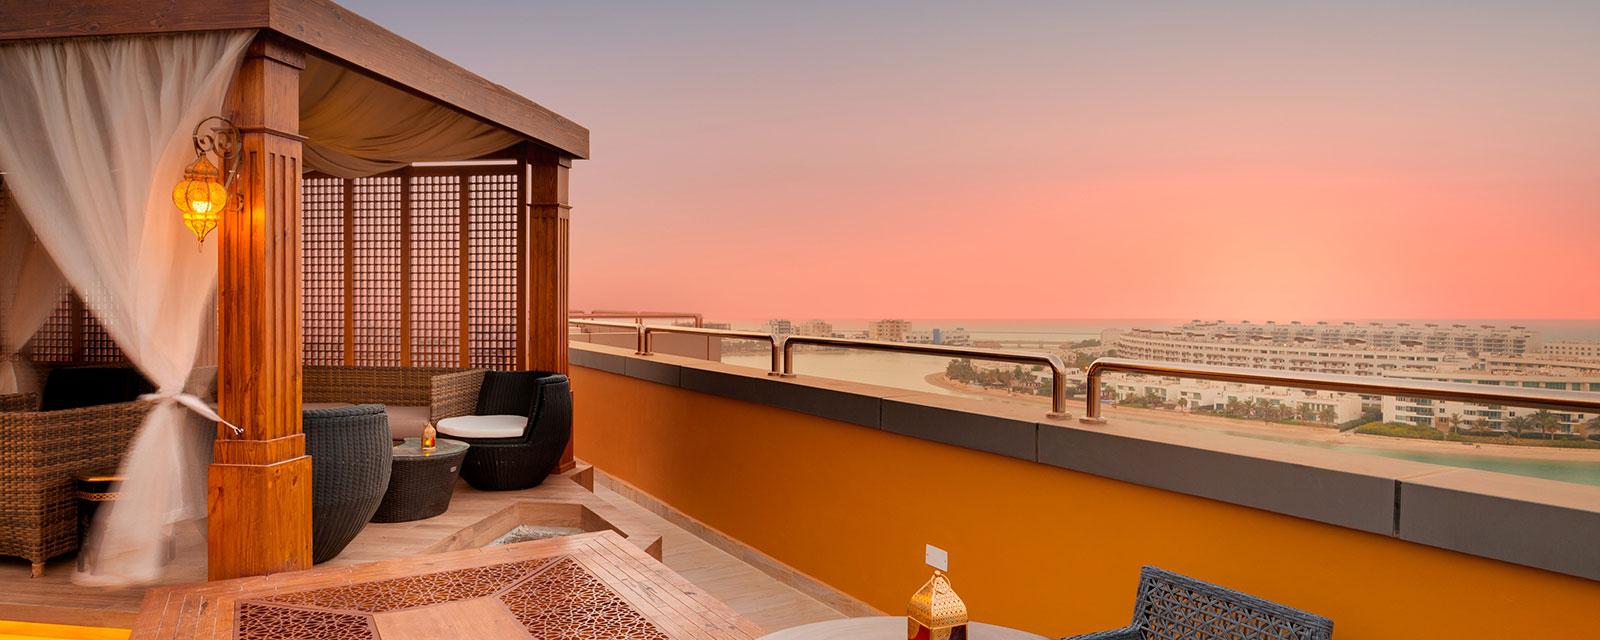 فندق وأجنحة رمادا جزر أمواج